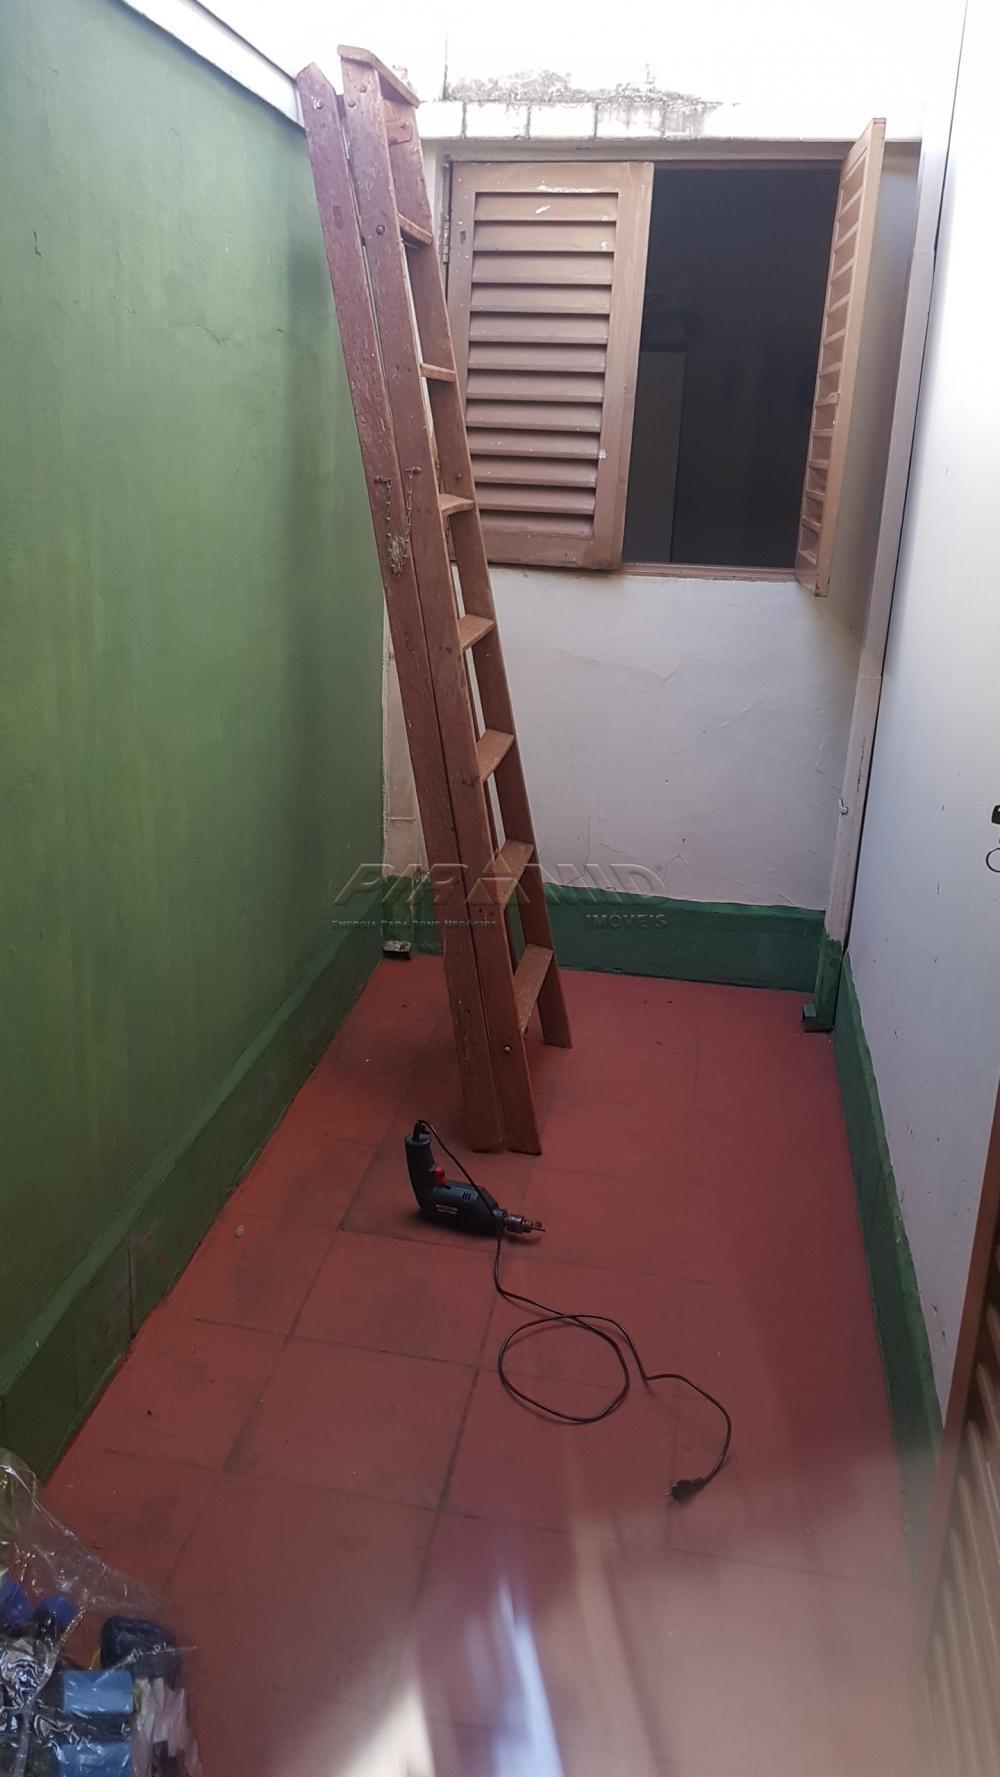 Comprar Casa / Padrão em Ribeirão Preto apenas R$ 170.000,00 - Foto 9